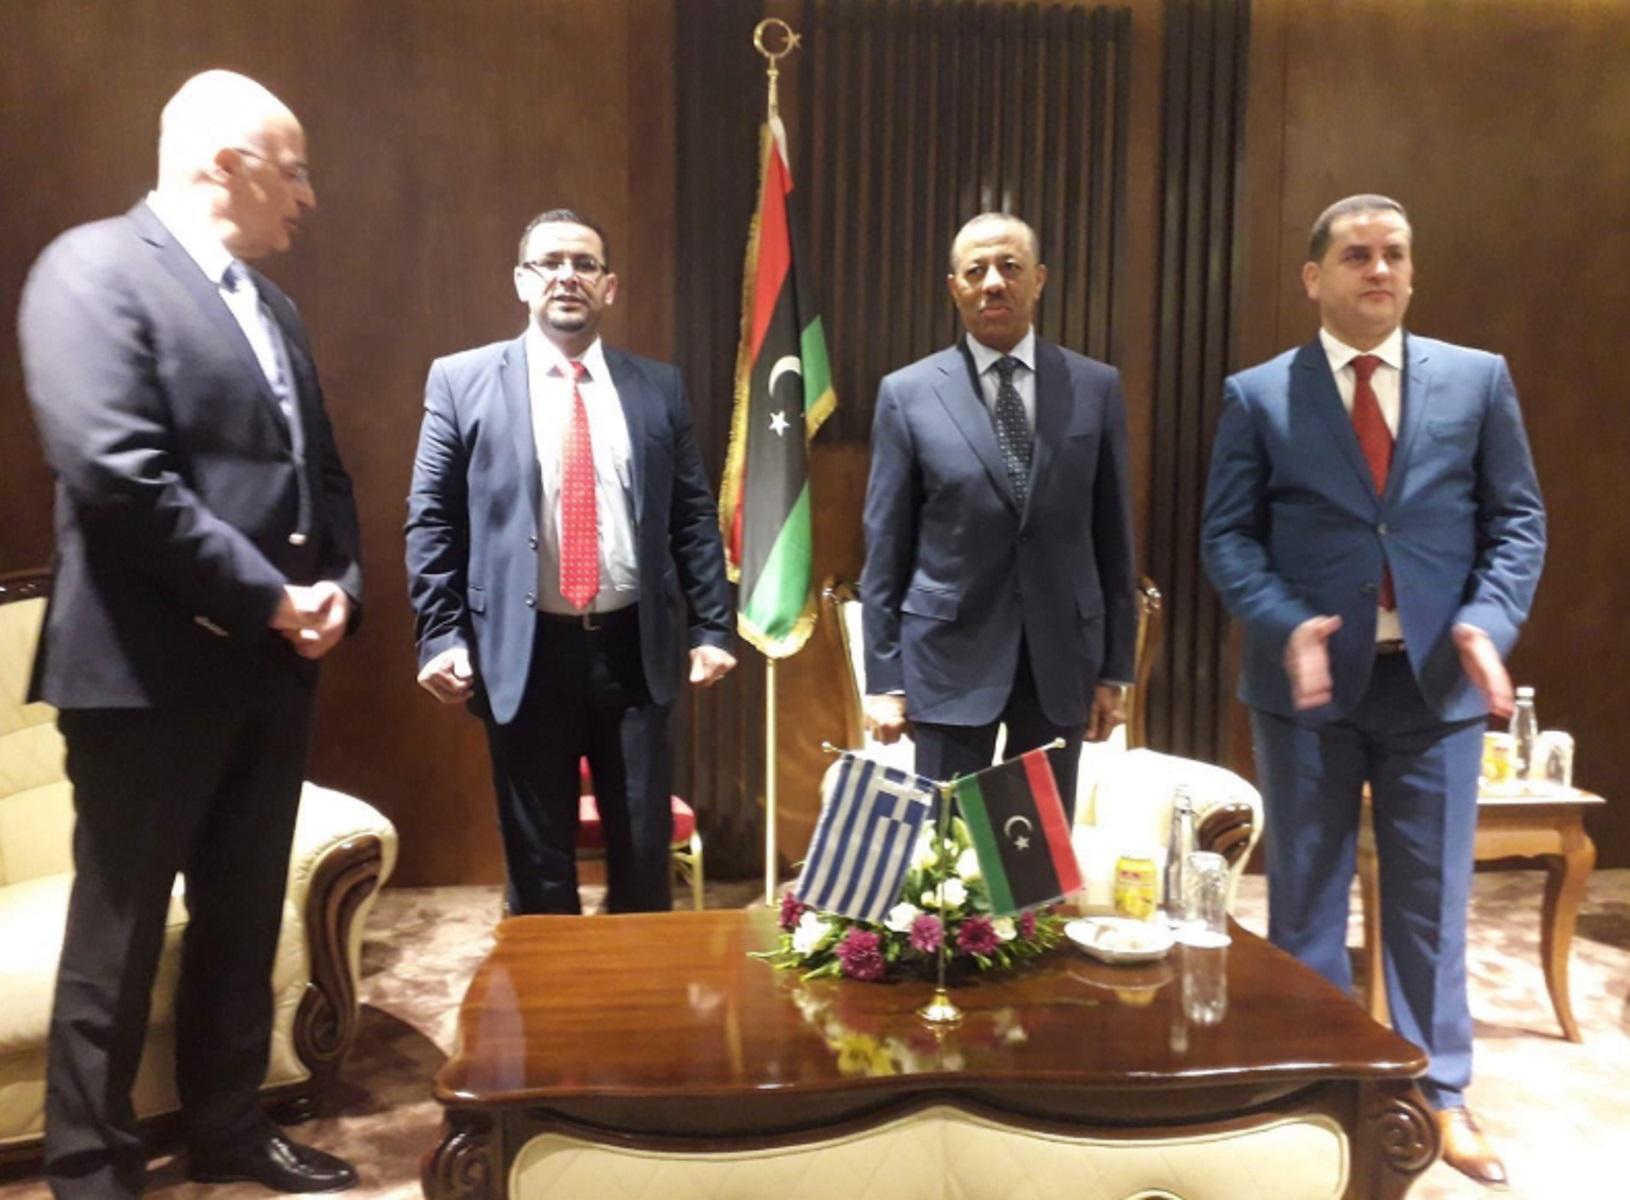 Η Τρίπολη… ενοχλήθηκε από τη συνάντηση Δένδια – Χάφταρ! Μιλούν για κατάφωρη παραβίαση αποφάσεων του ΟΗΕ